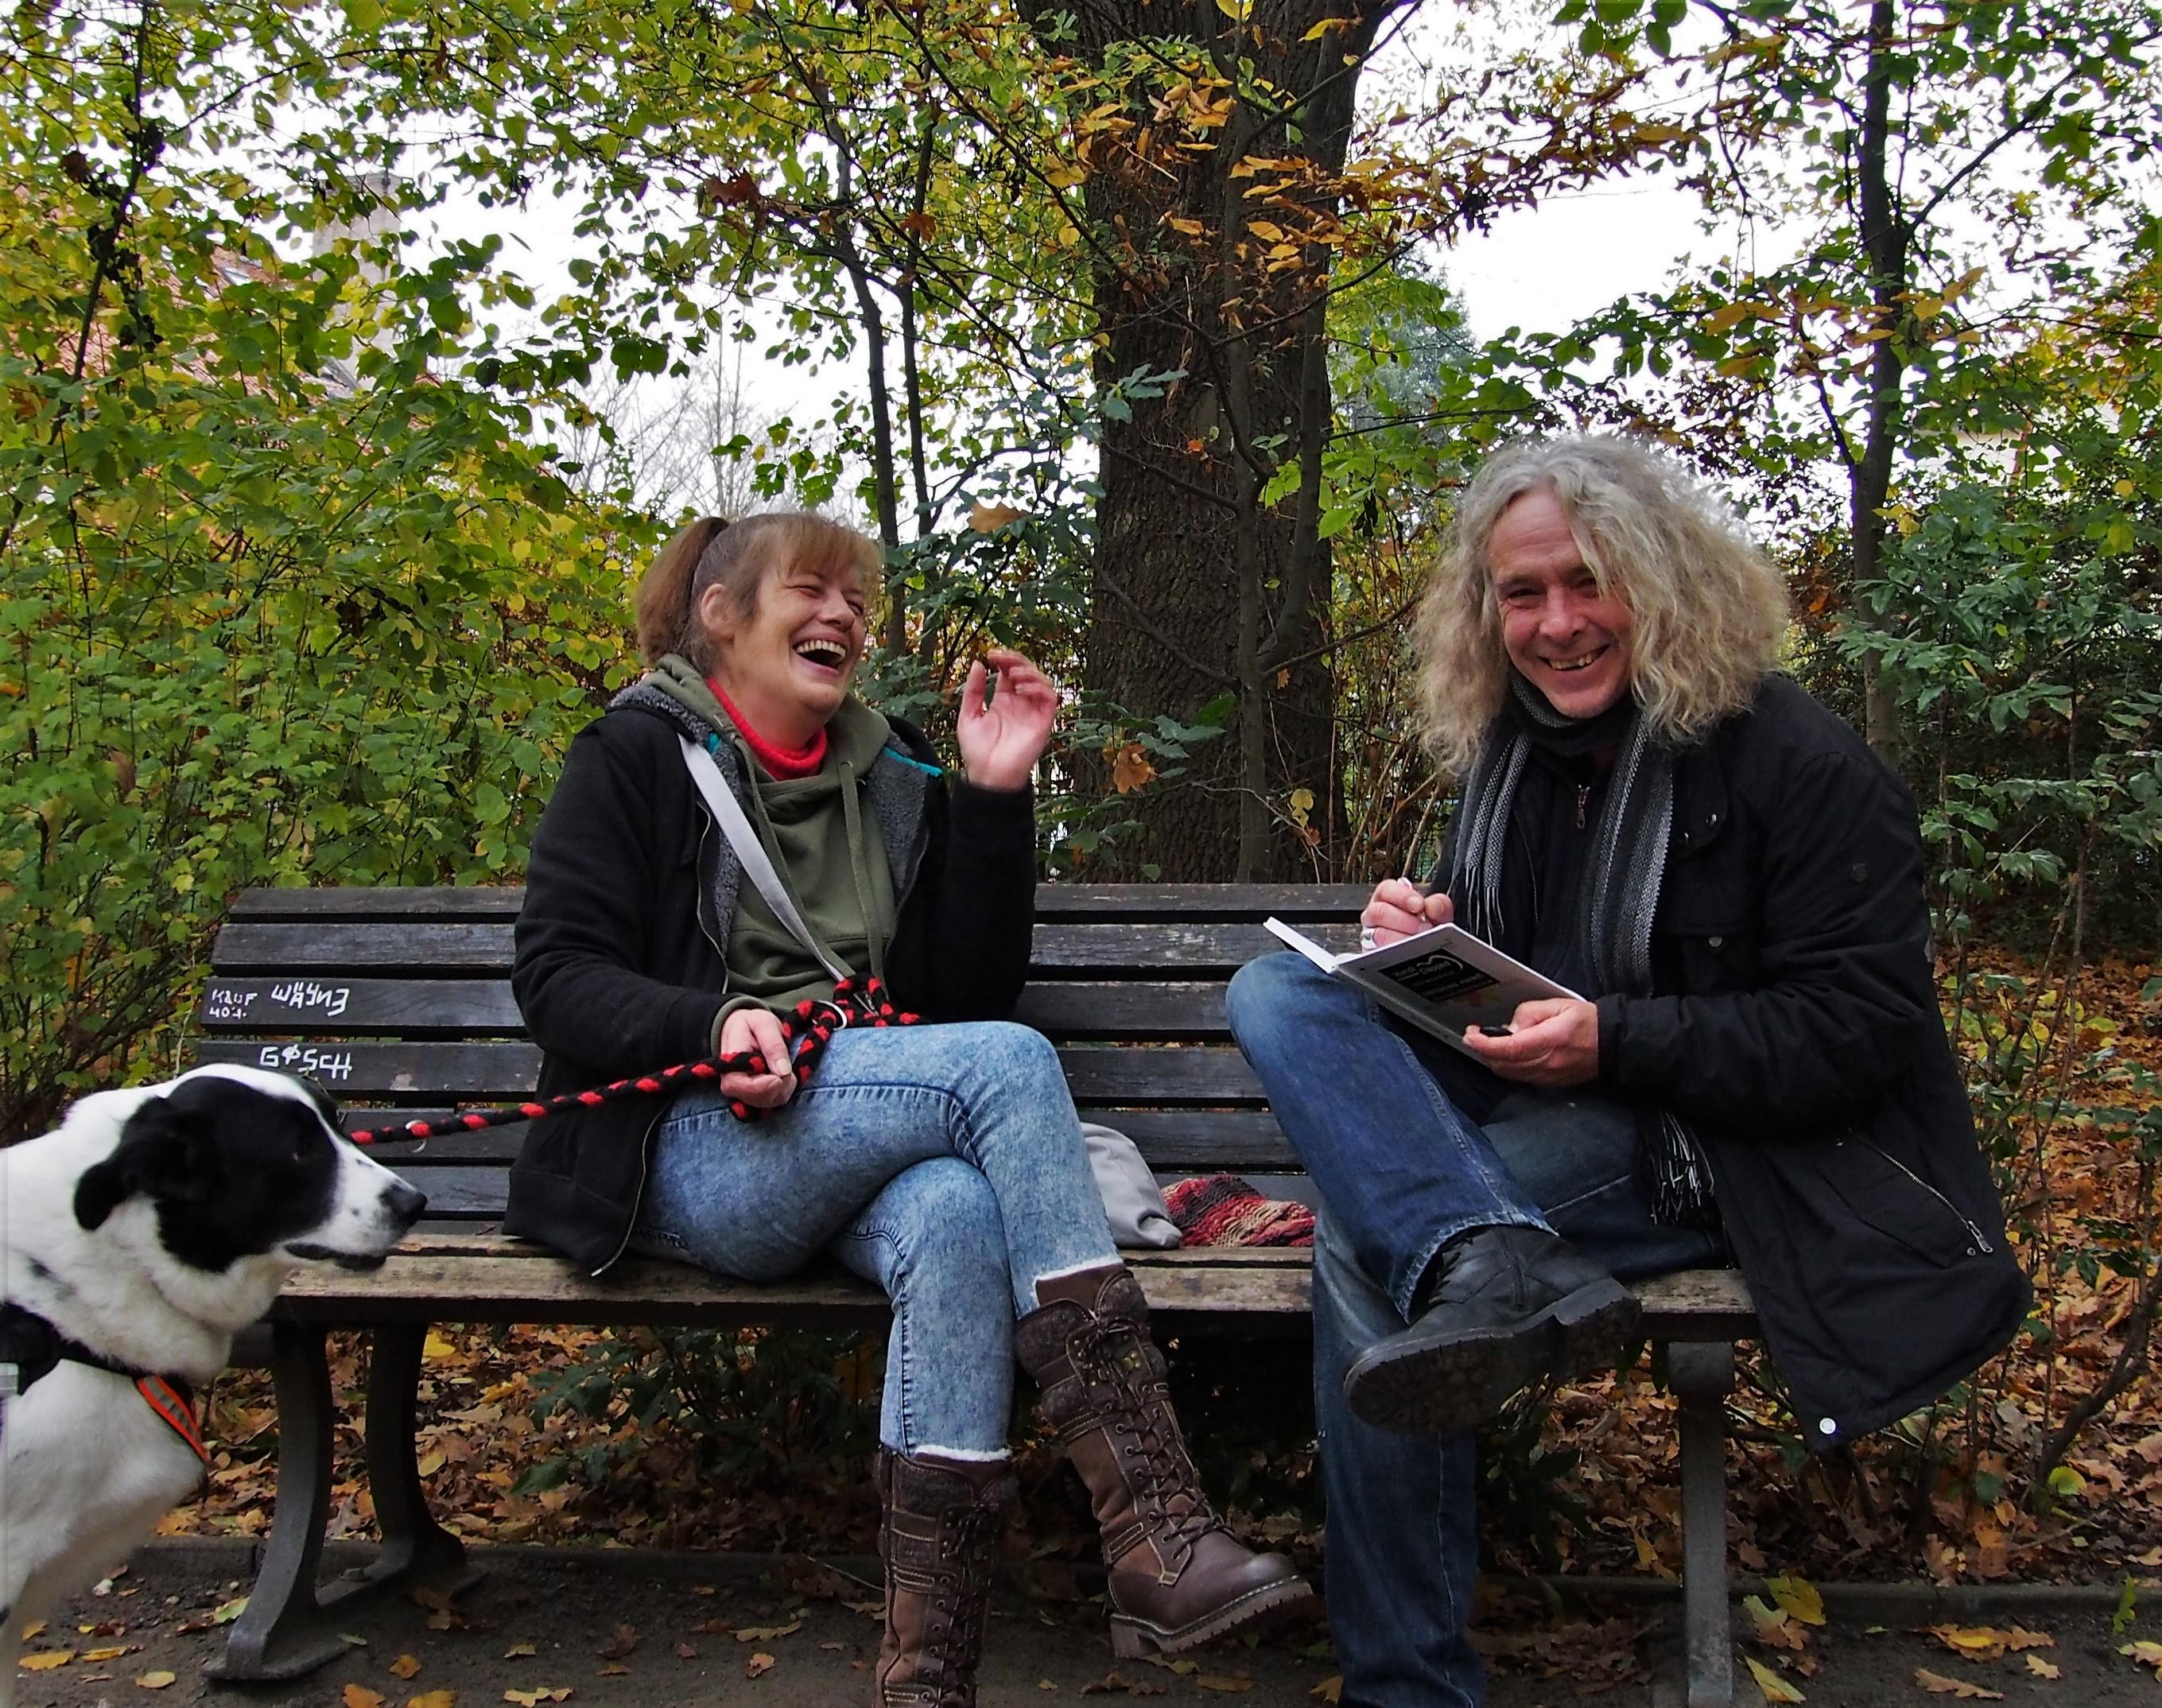 Claudi und Jens im Park, beide lachen ausgelassen